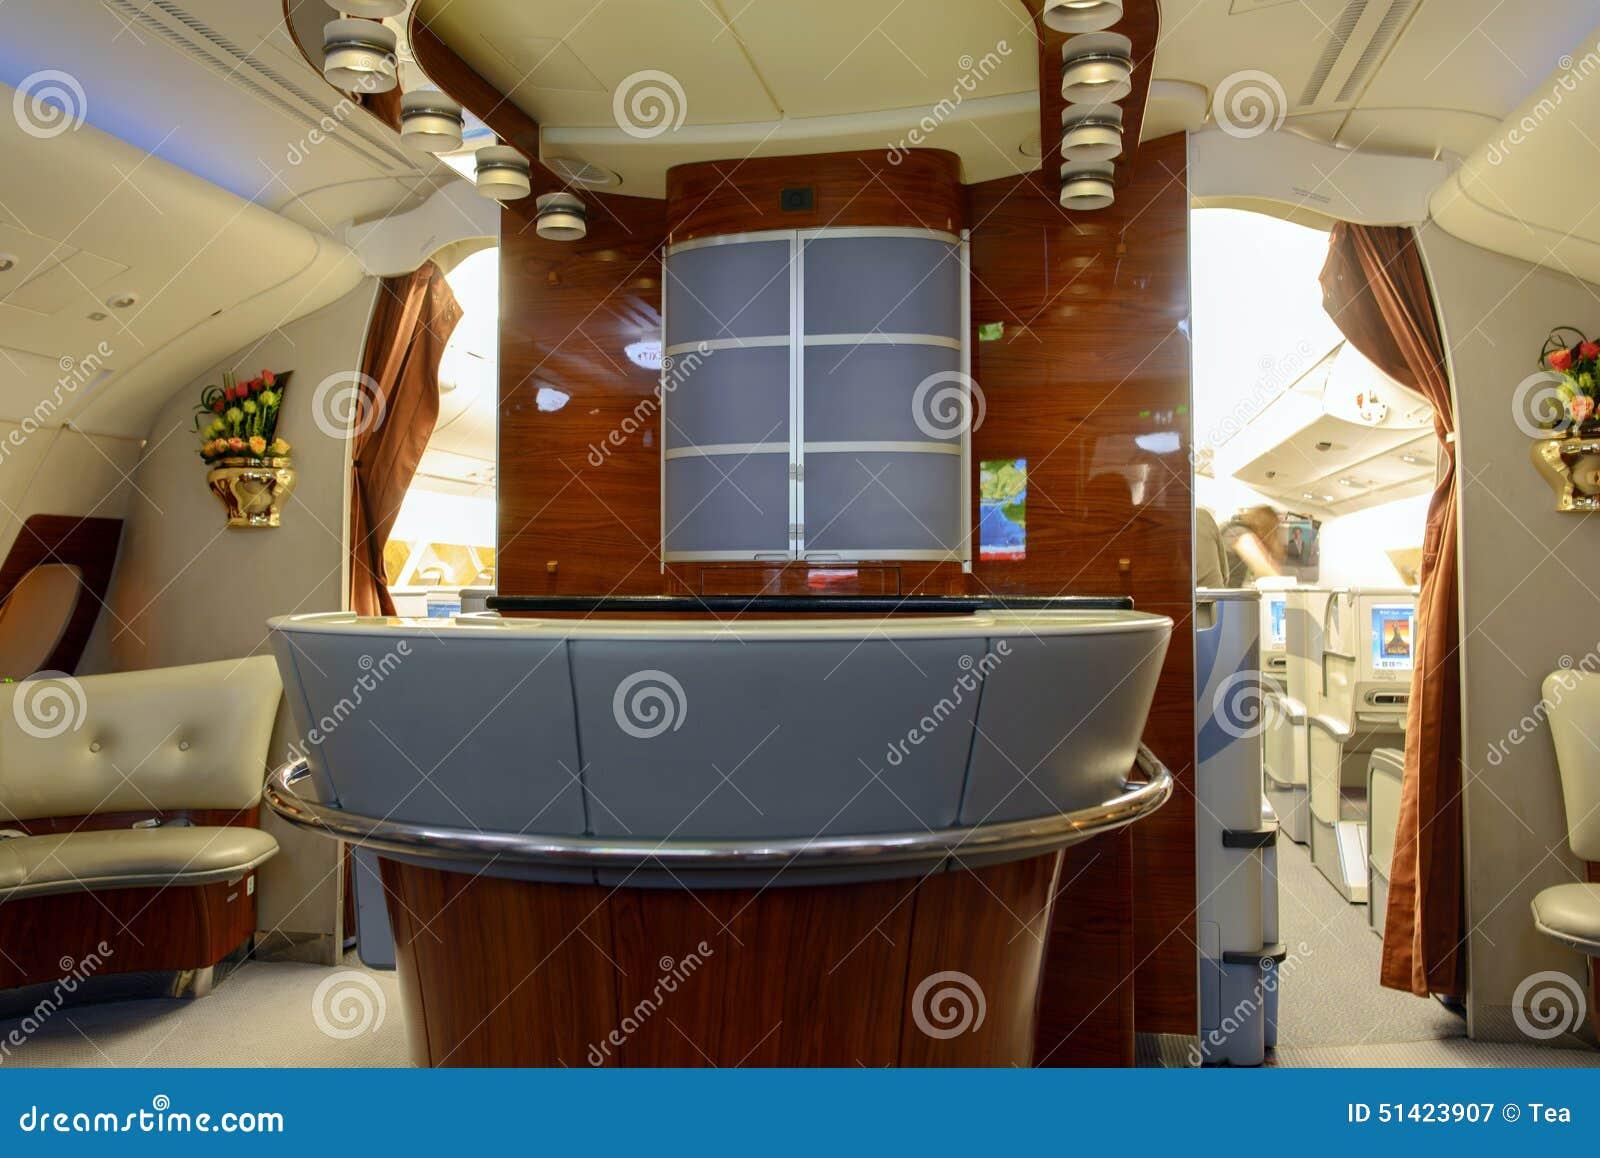 eminem a380 airbus interior - photo #46